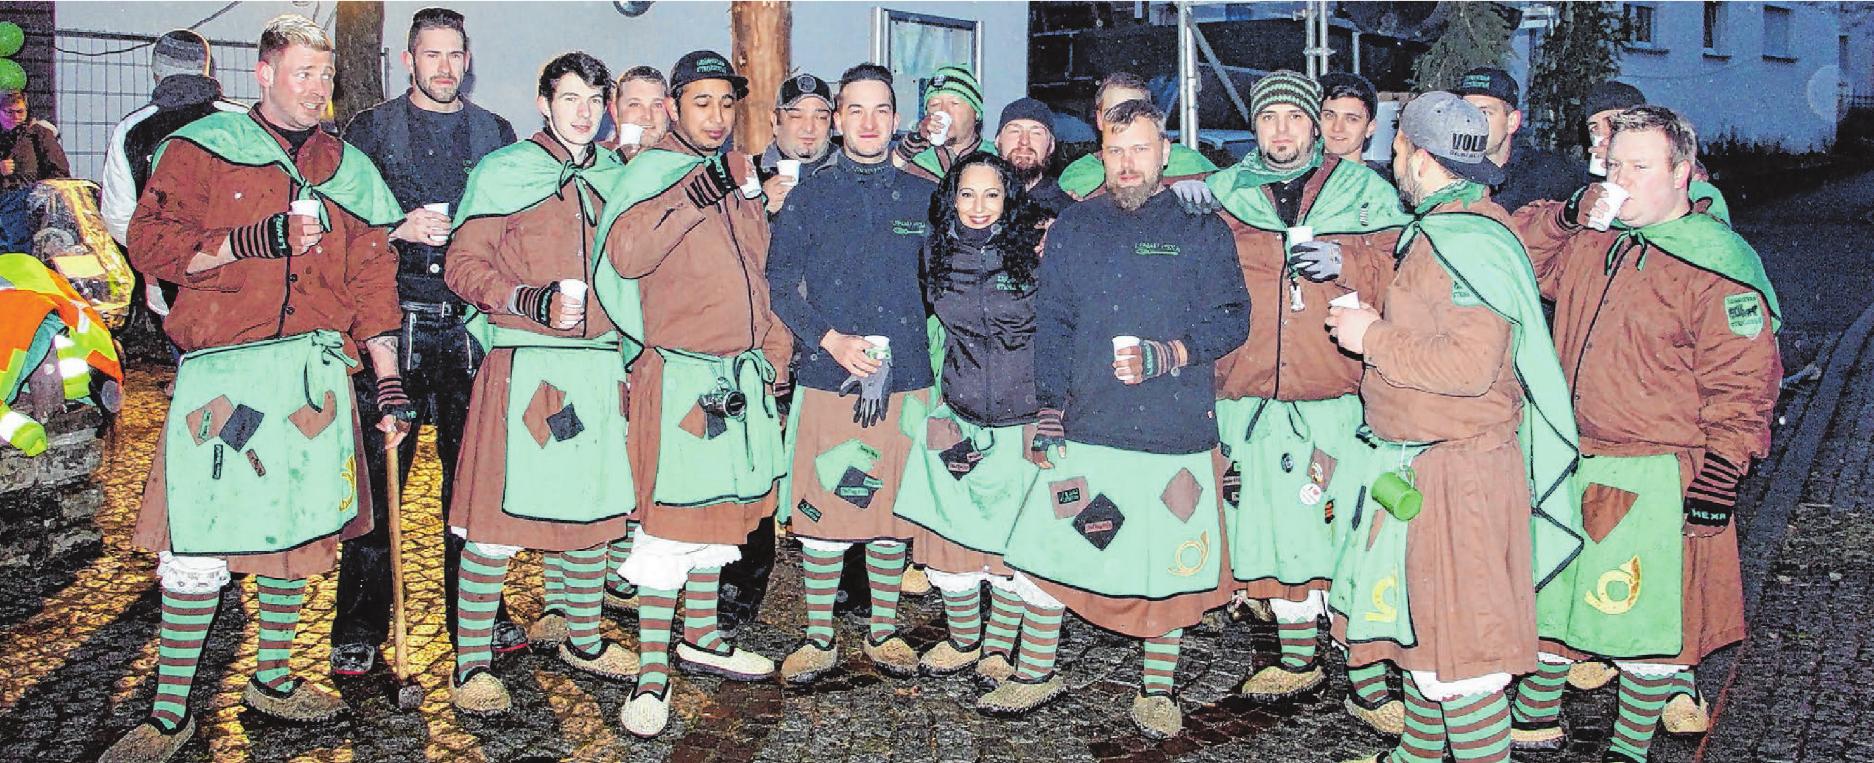 Die Steinhofener Lenau Hexa stellen zum inzwischen siebten Mal den Narrenbaum. Foto: Elisabeth Wolf